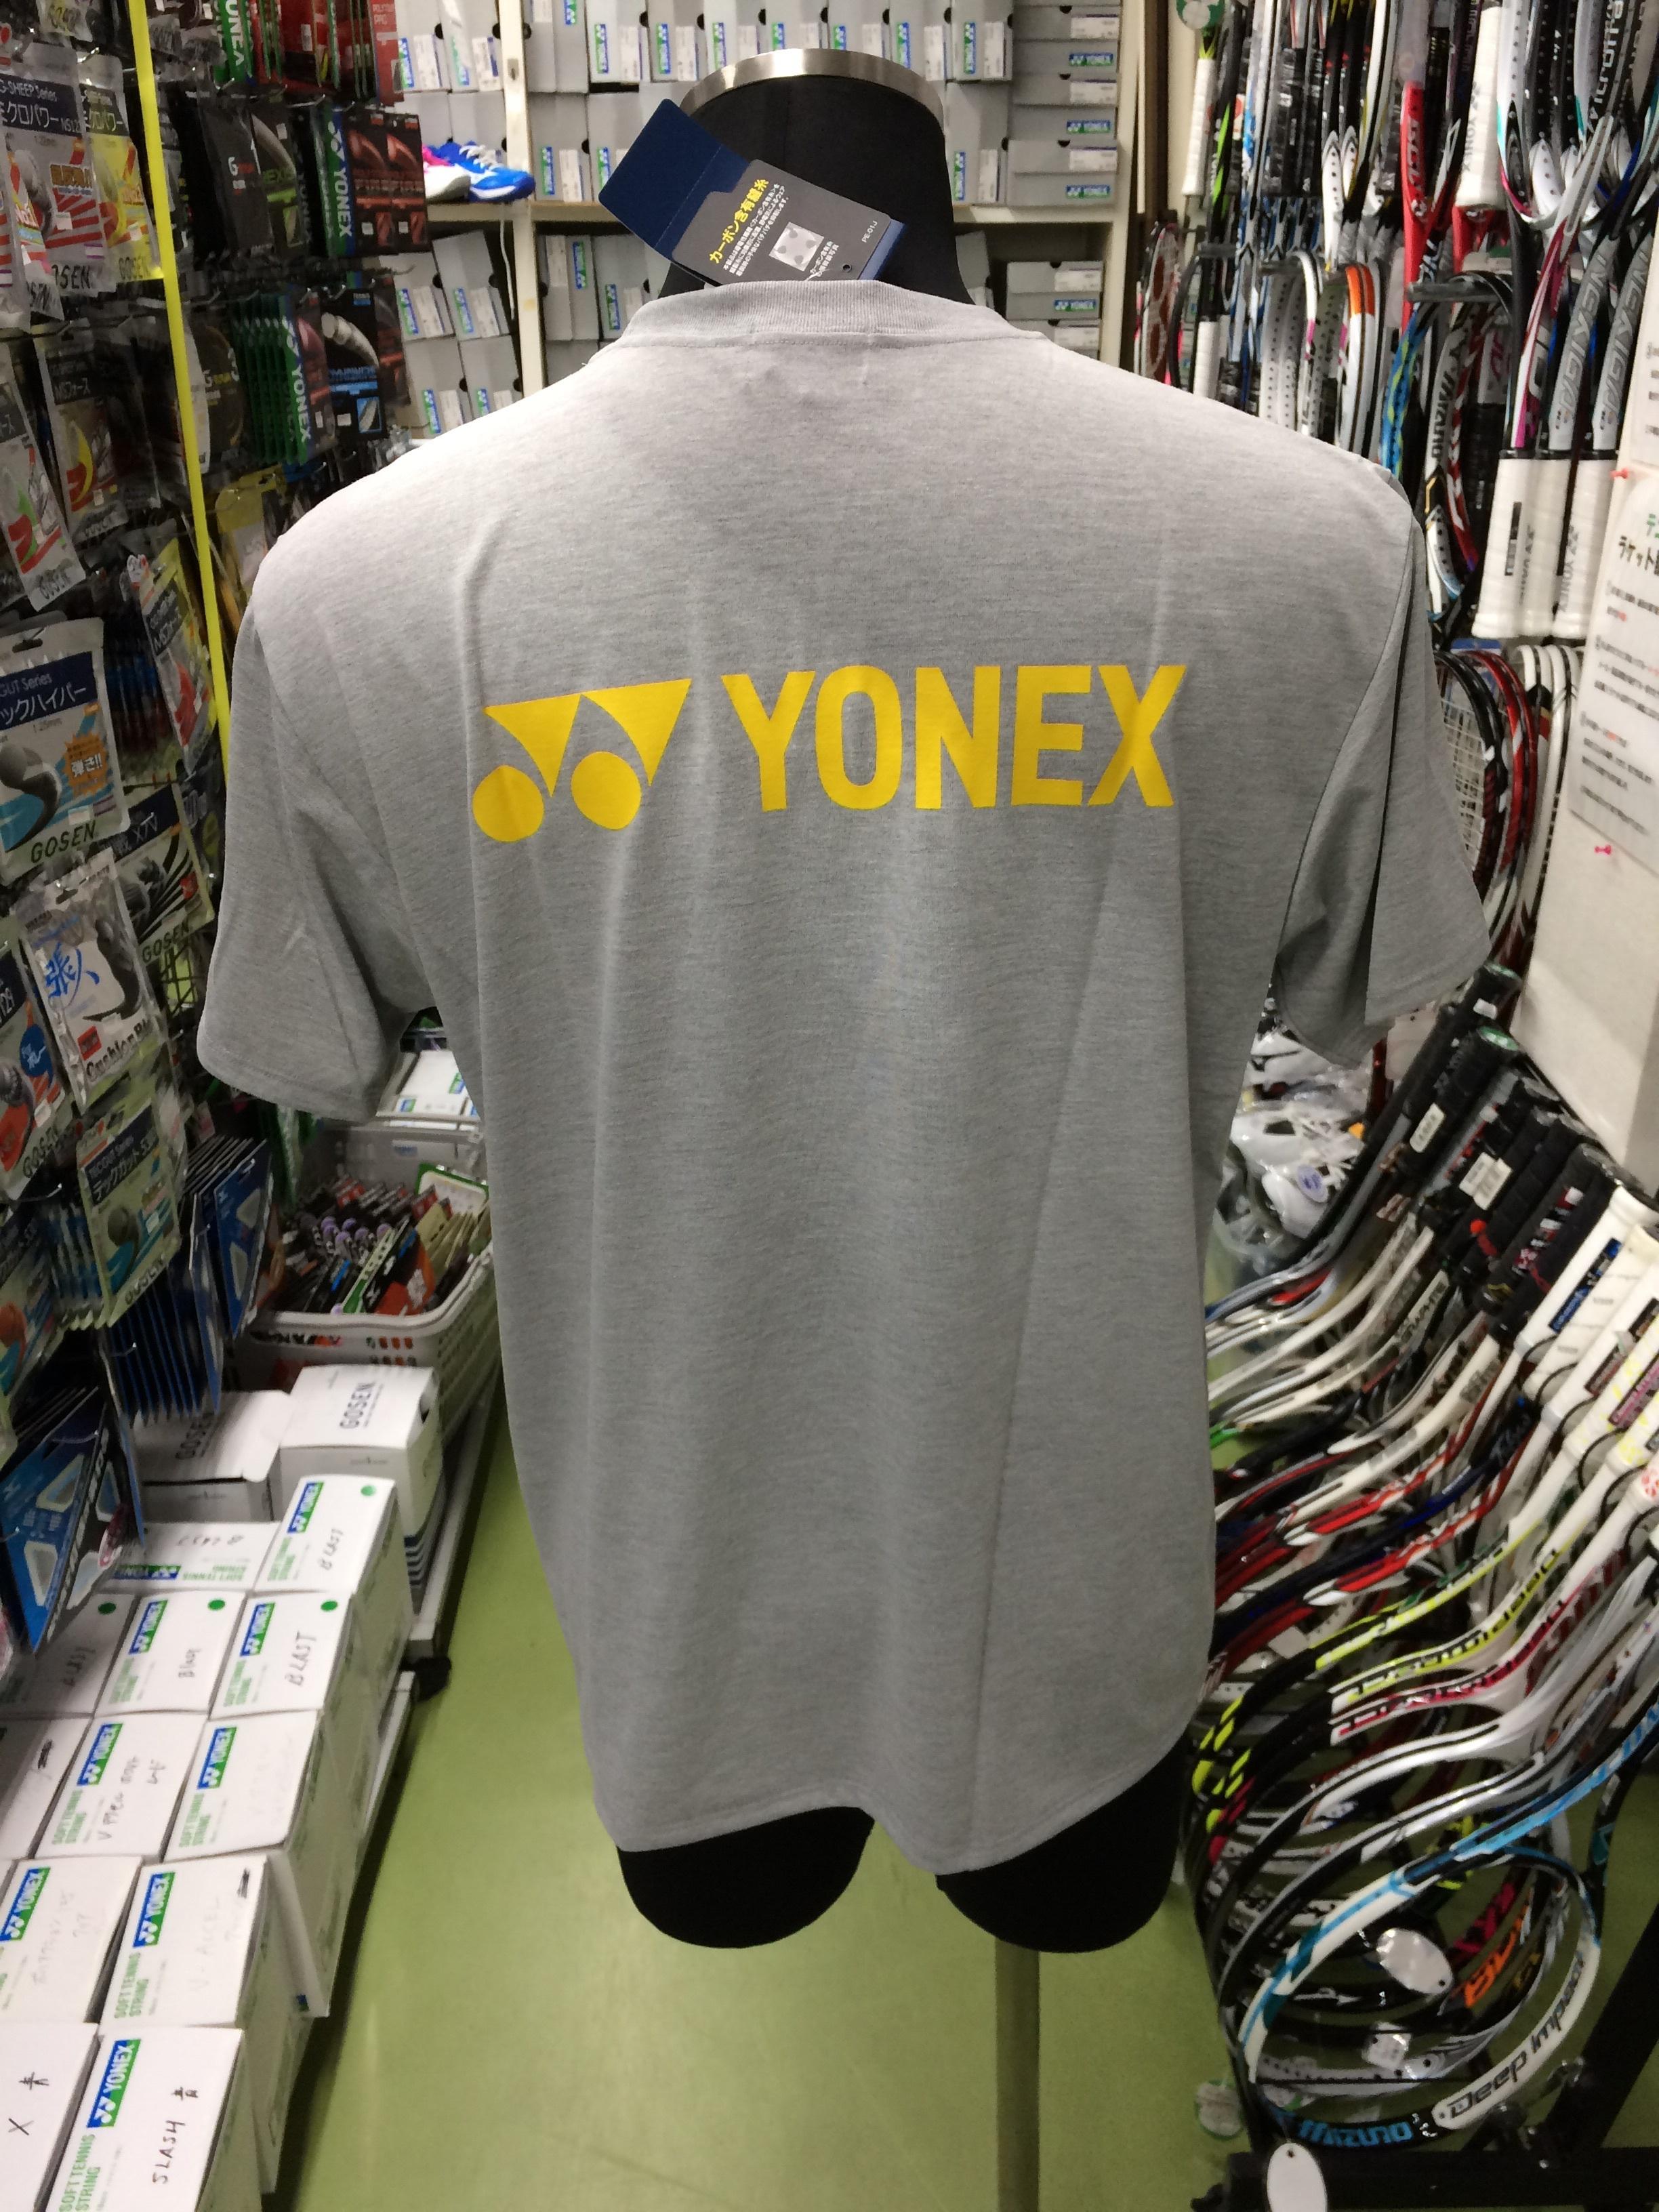 ヨネックス ユニドライTシャツ 16250Y - 画像5